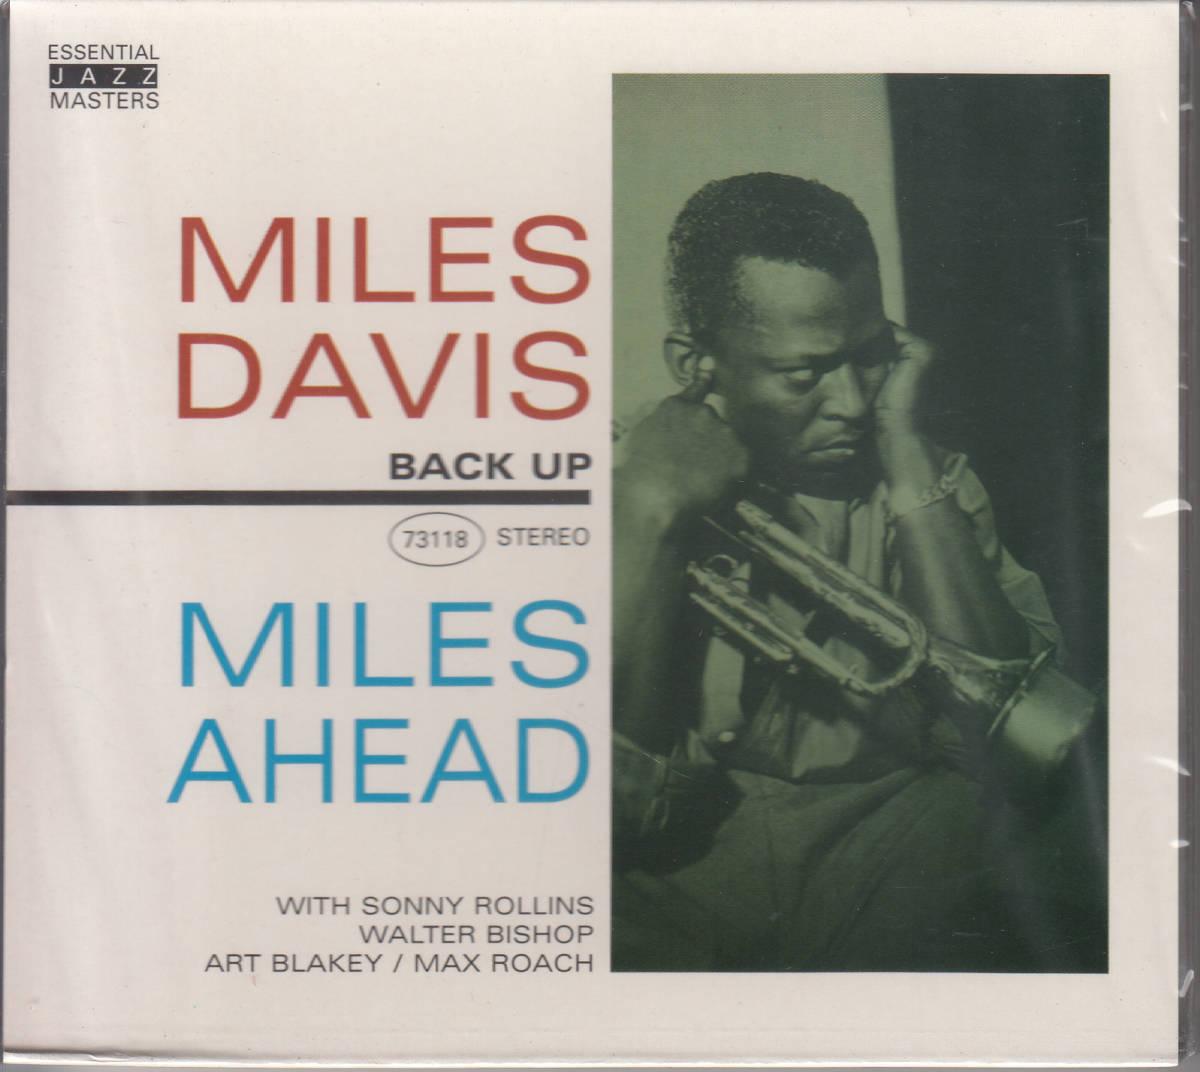 【新品・即決CD】マイルス・デイヴィス/マイルス・アヘッド 全13曲_画像1